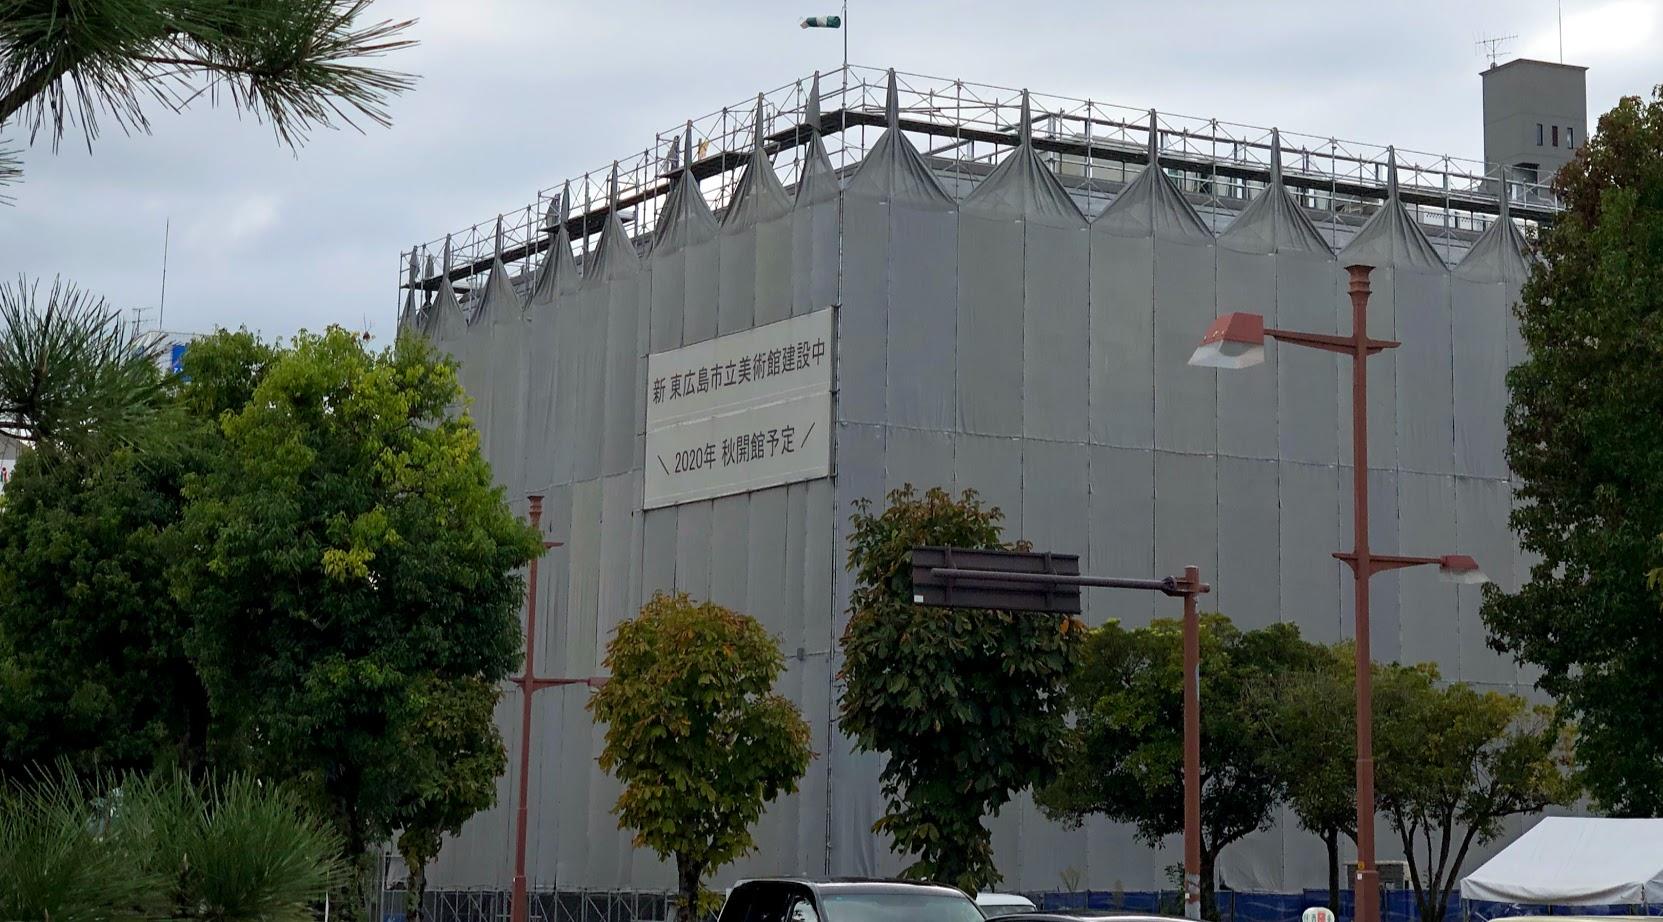 【西条】新・東広島美術館|開館日が決定!開館記念企画展は? | もにさんぽ